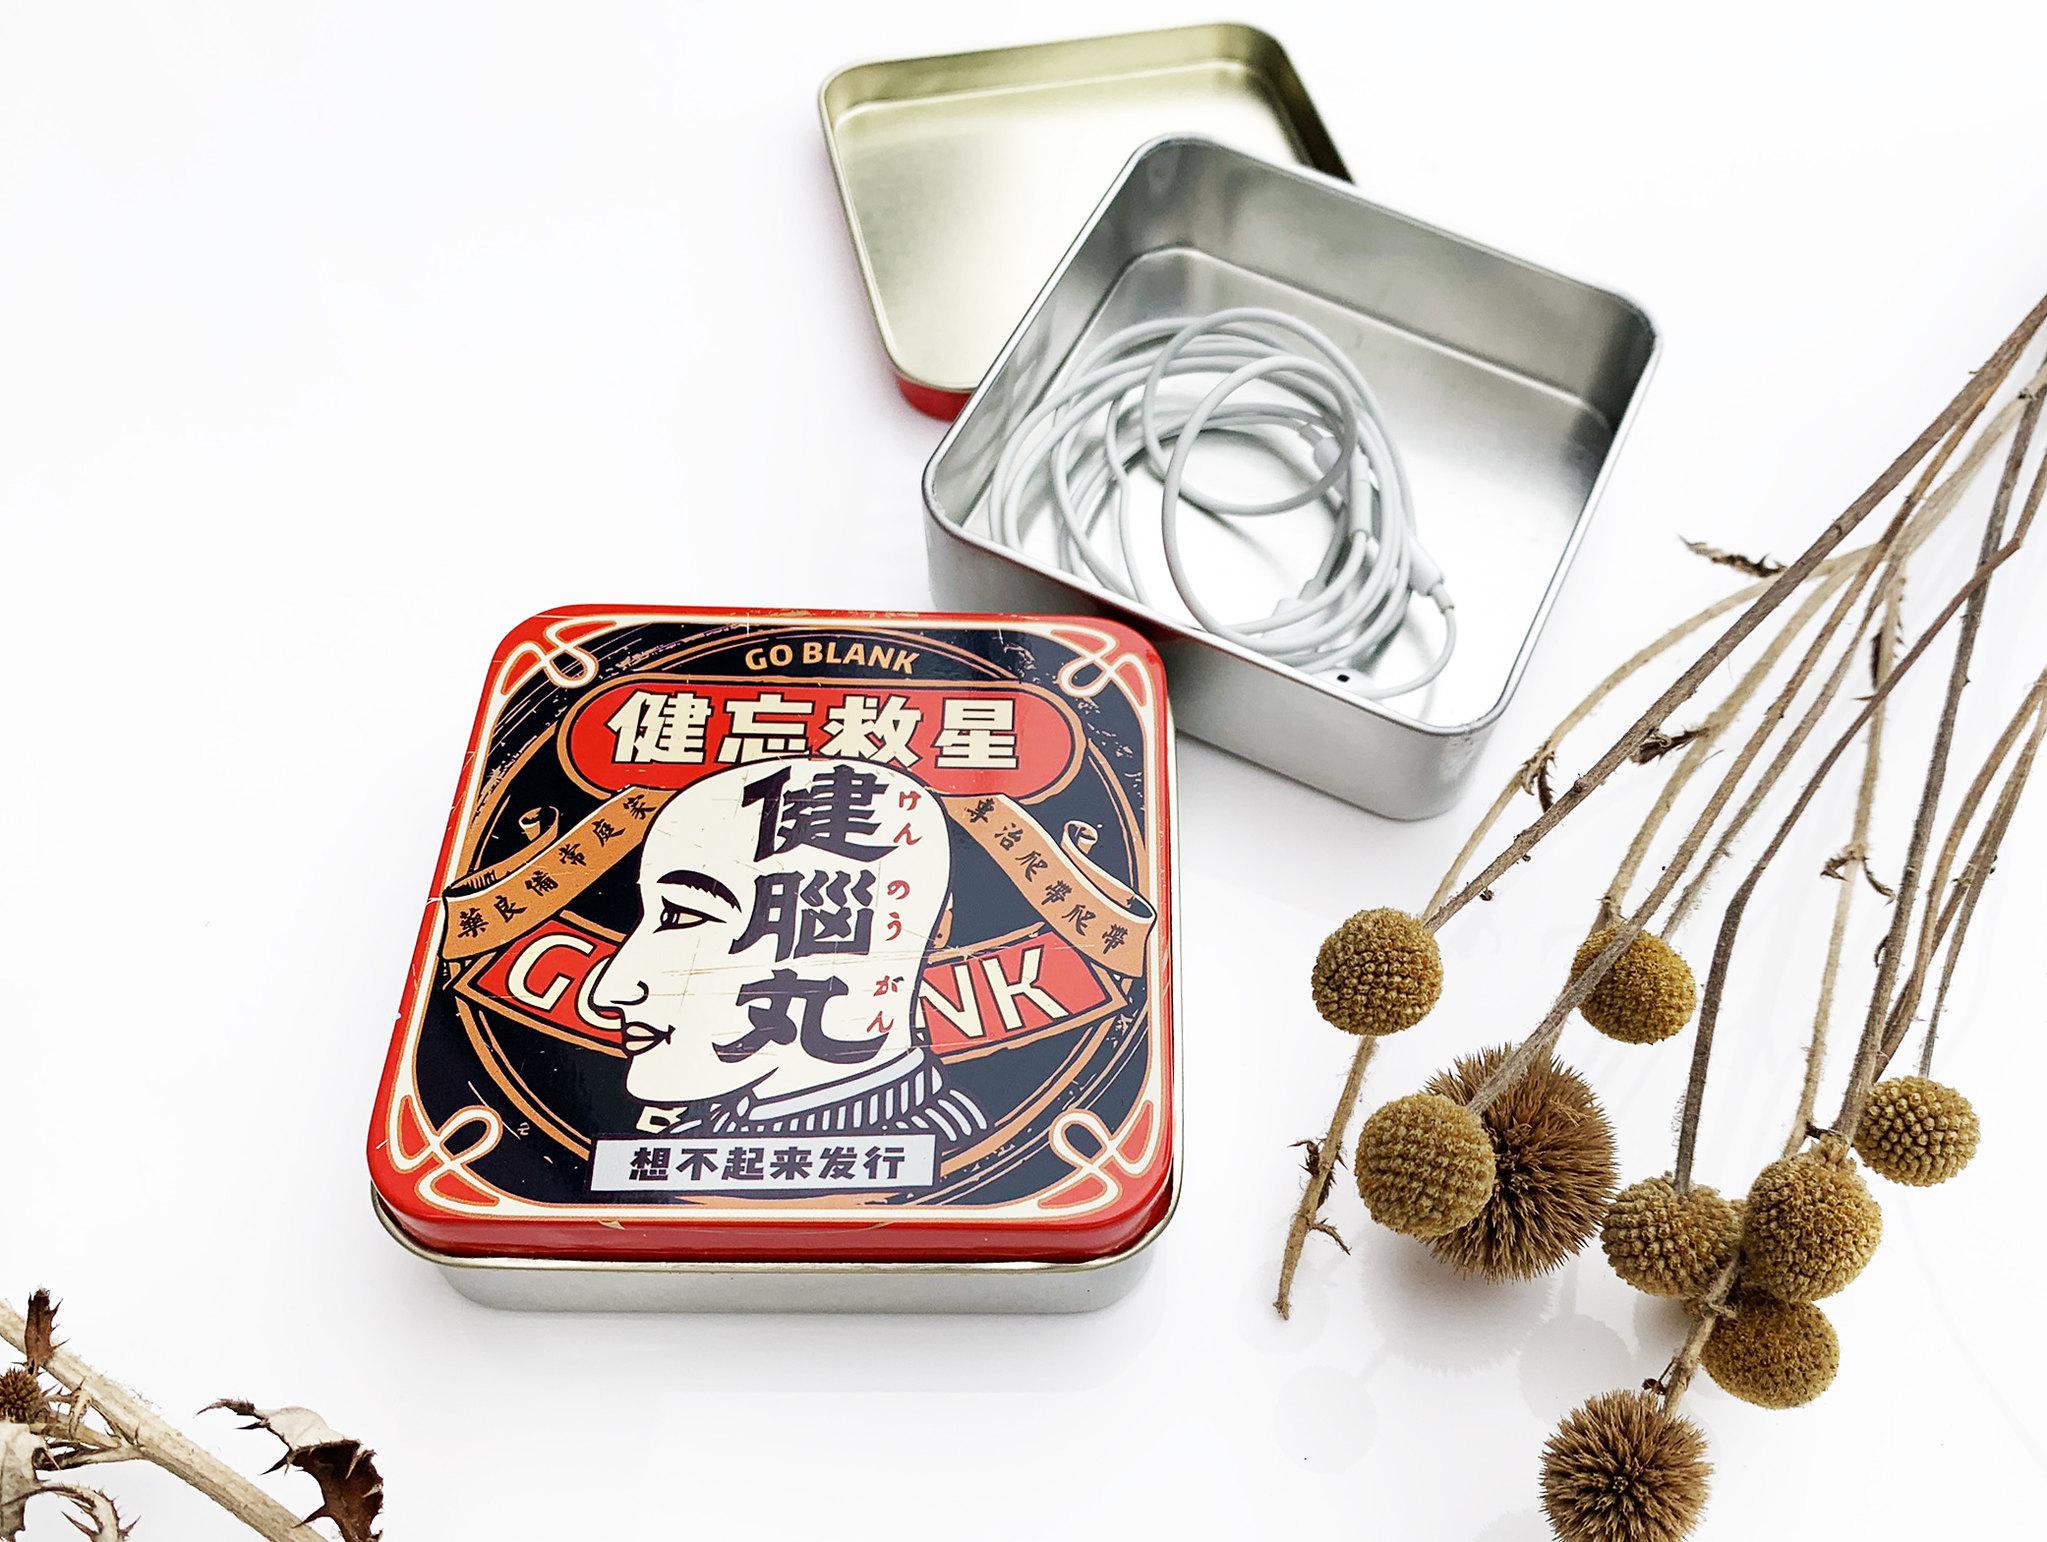 馬口鐵盒商品 - MUZI木子創意|在地台灣文創